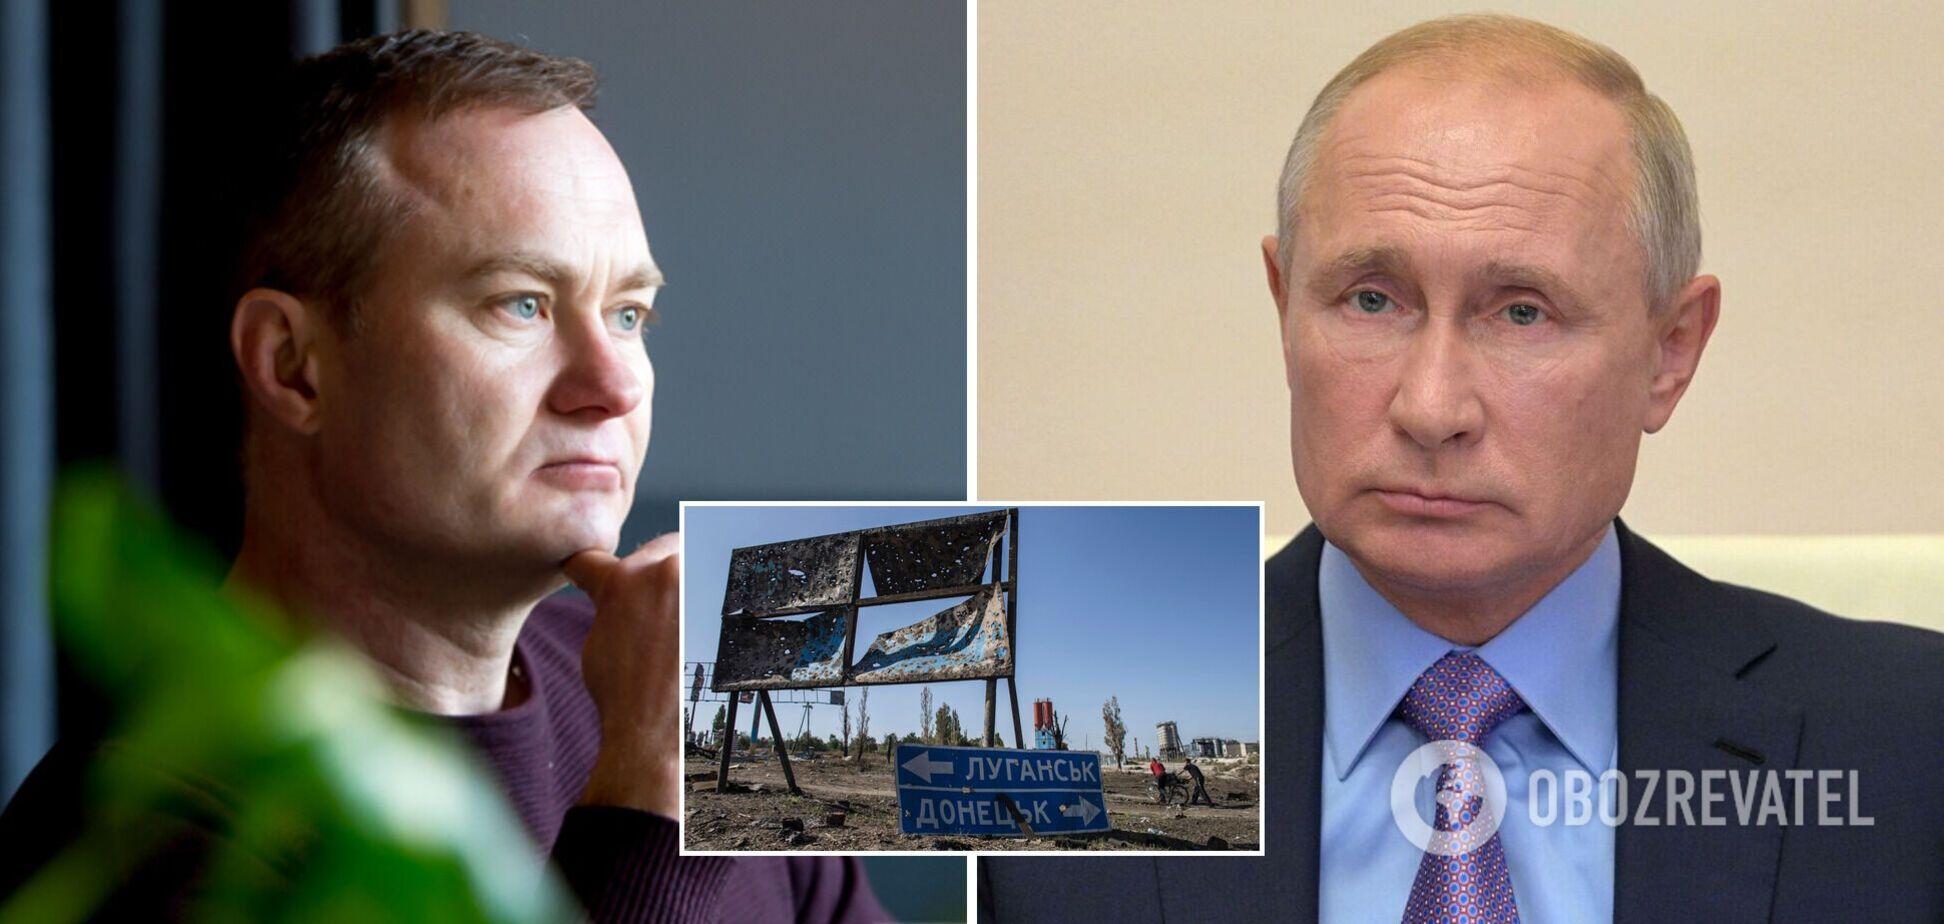 Путін зацікавлений у Донбасі, як у рані для України, але забирати його собі не буде, – Гармаш